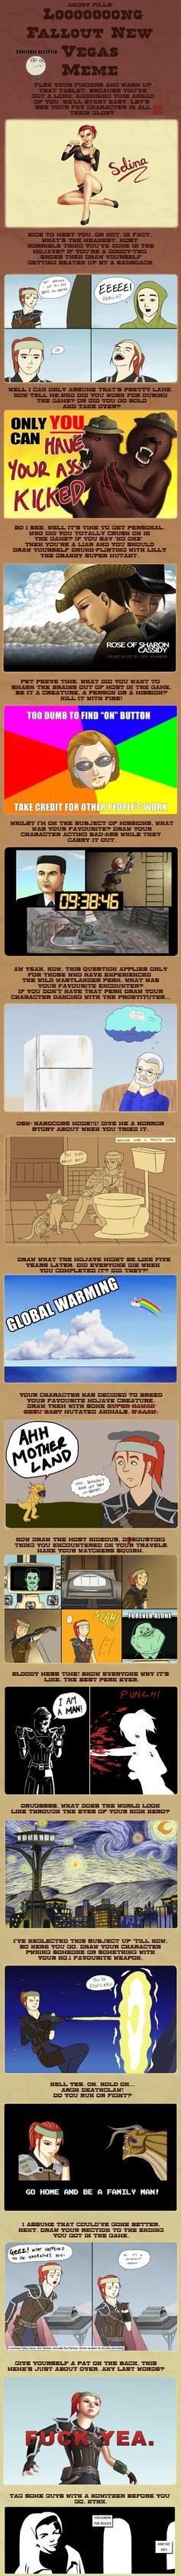 Fallout New Vegas Meme by yoshifreak